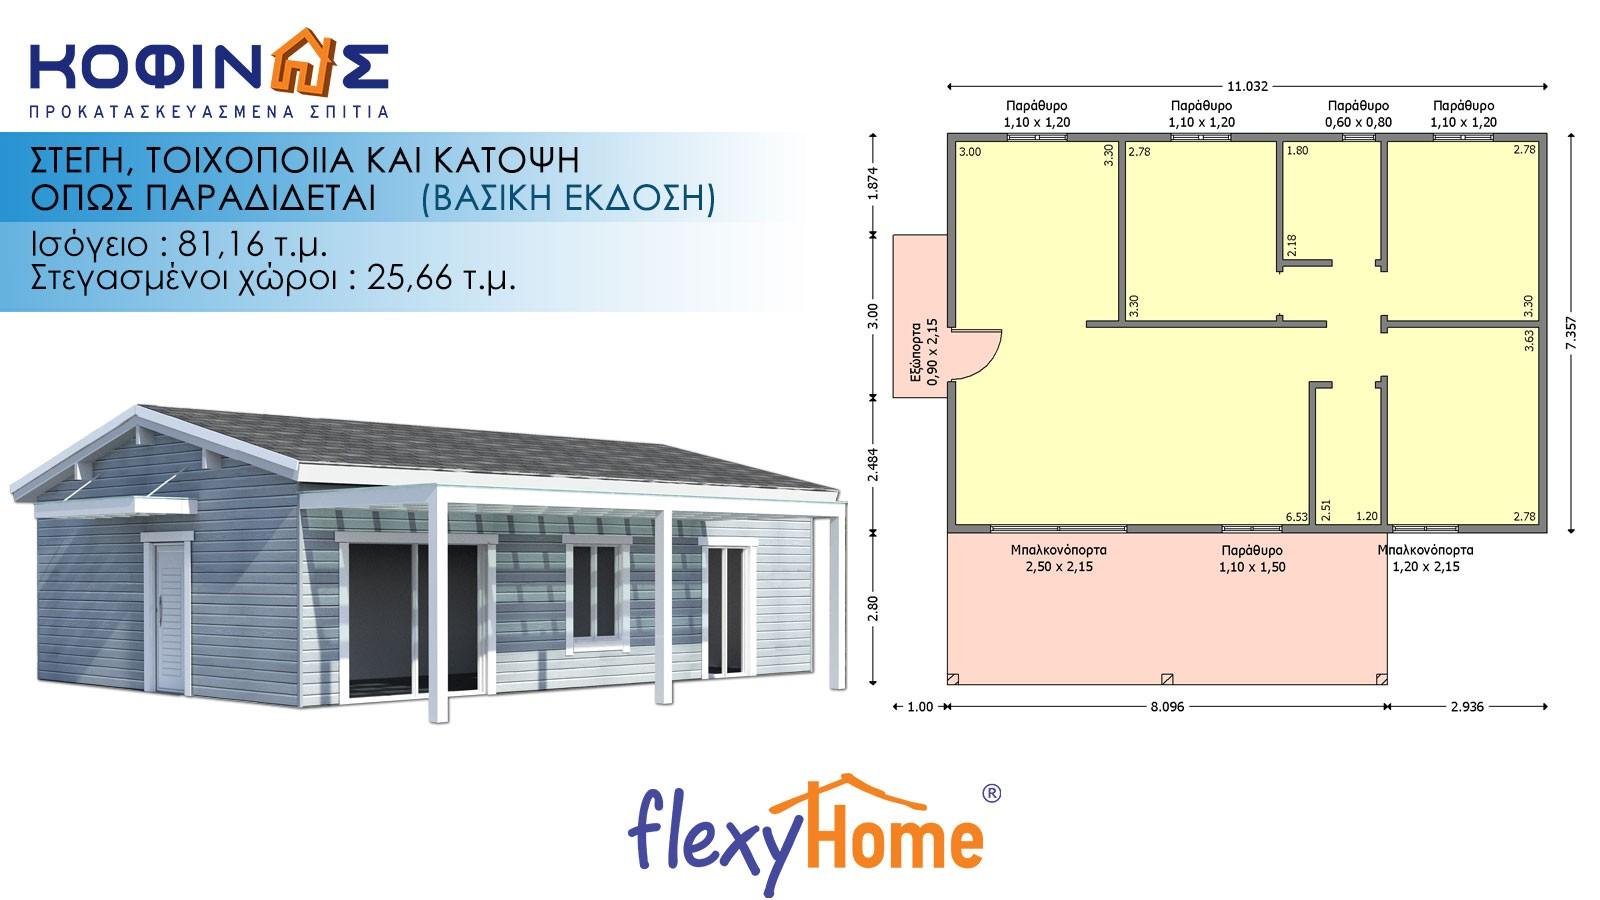 Ισόγεια flexyhome Κατοικία IF-81.